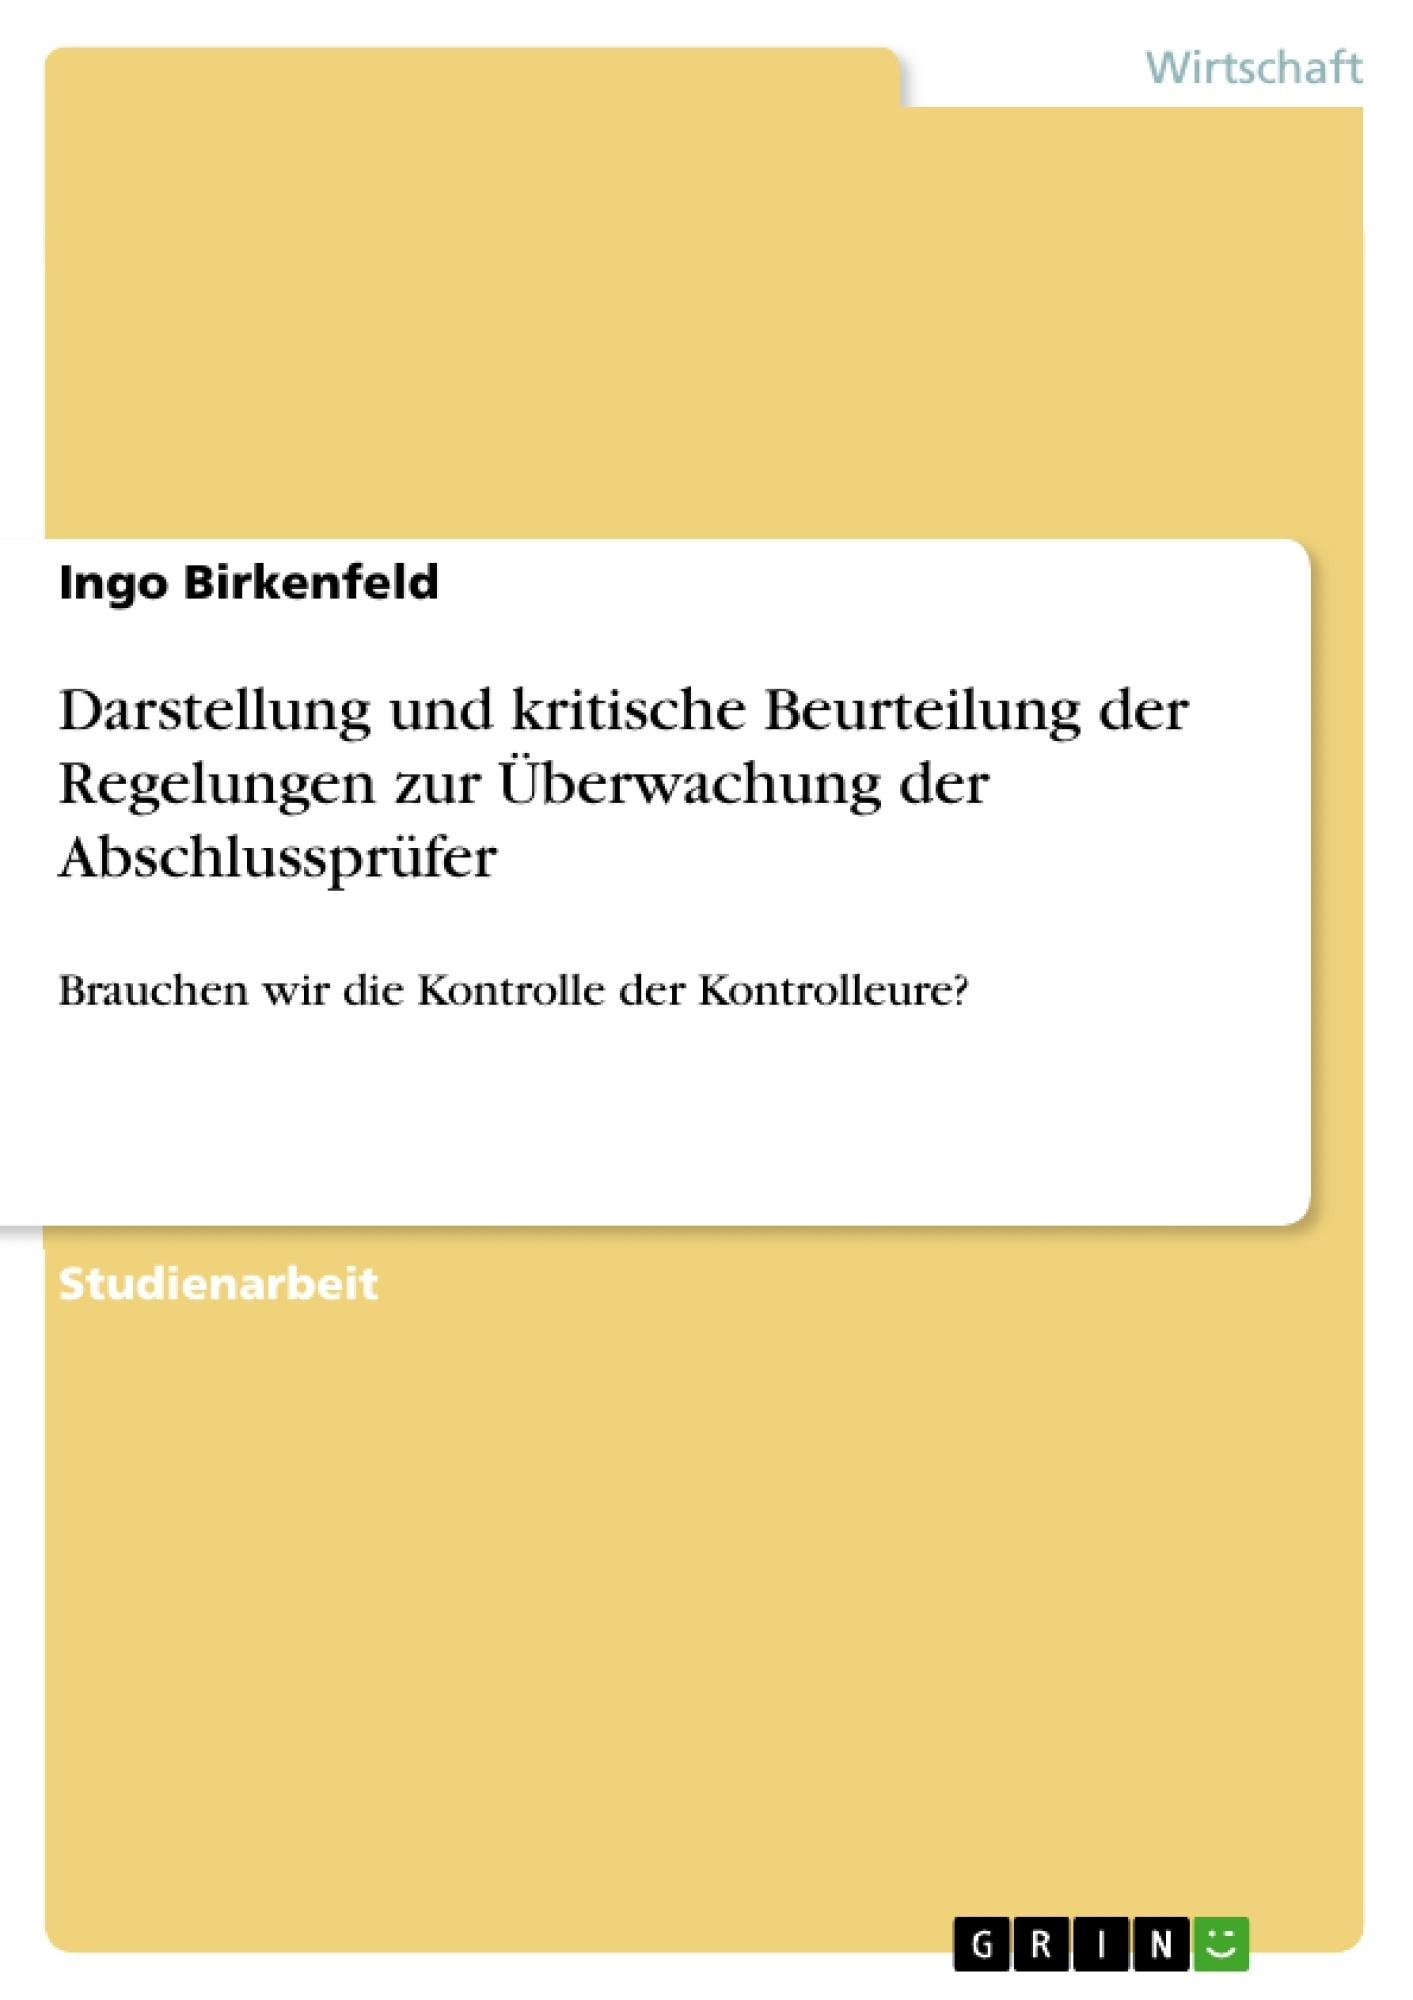 Titel: Darstellung und kritische Beurteilung der Regelungen zur Überwachung der Abschlussprüfer